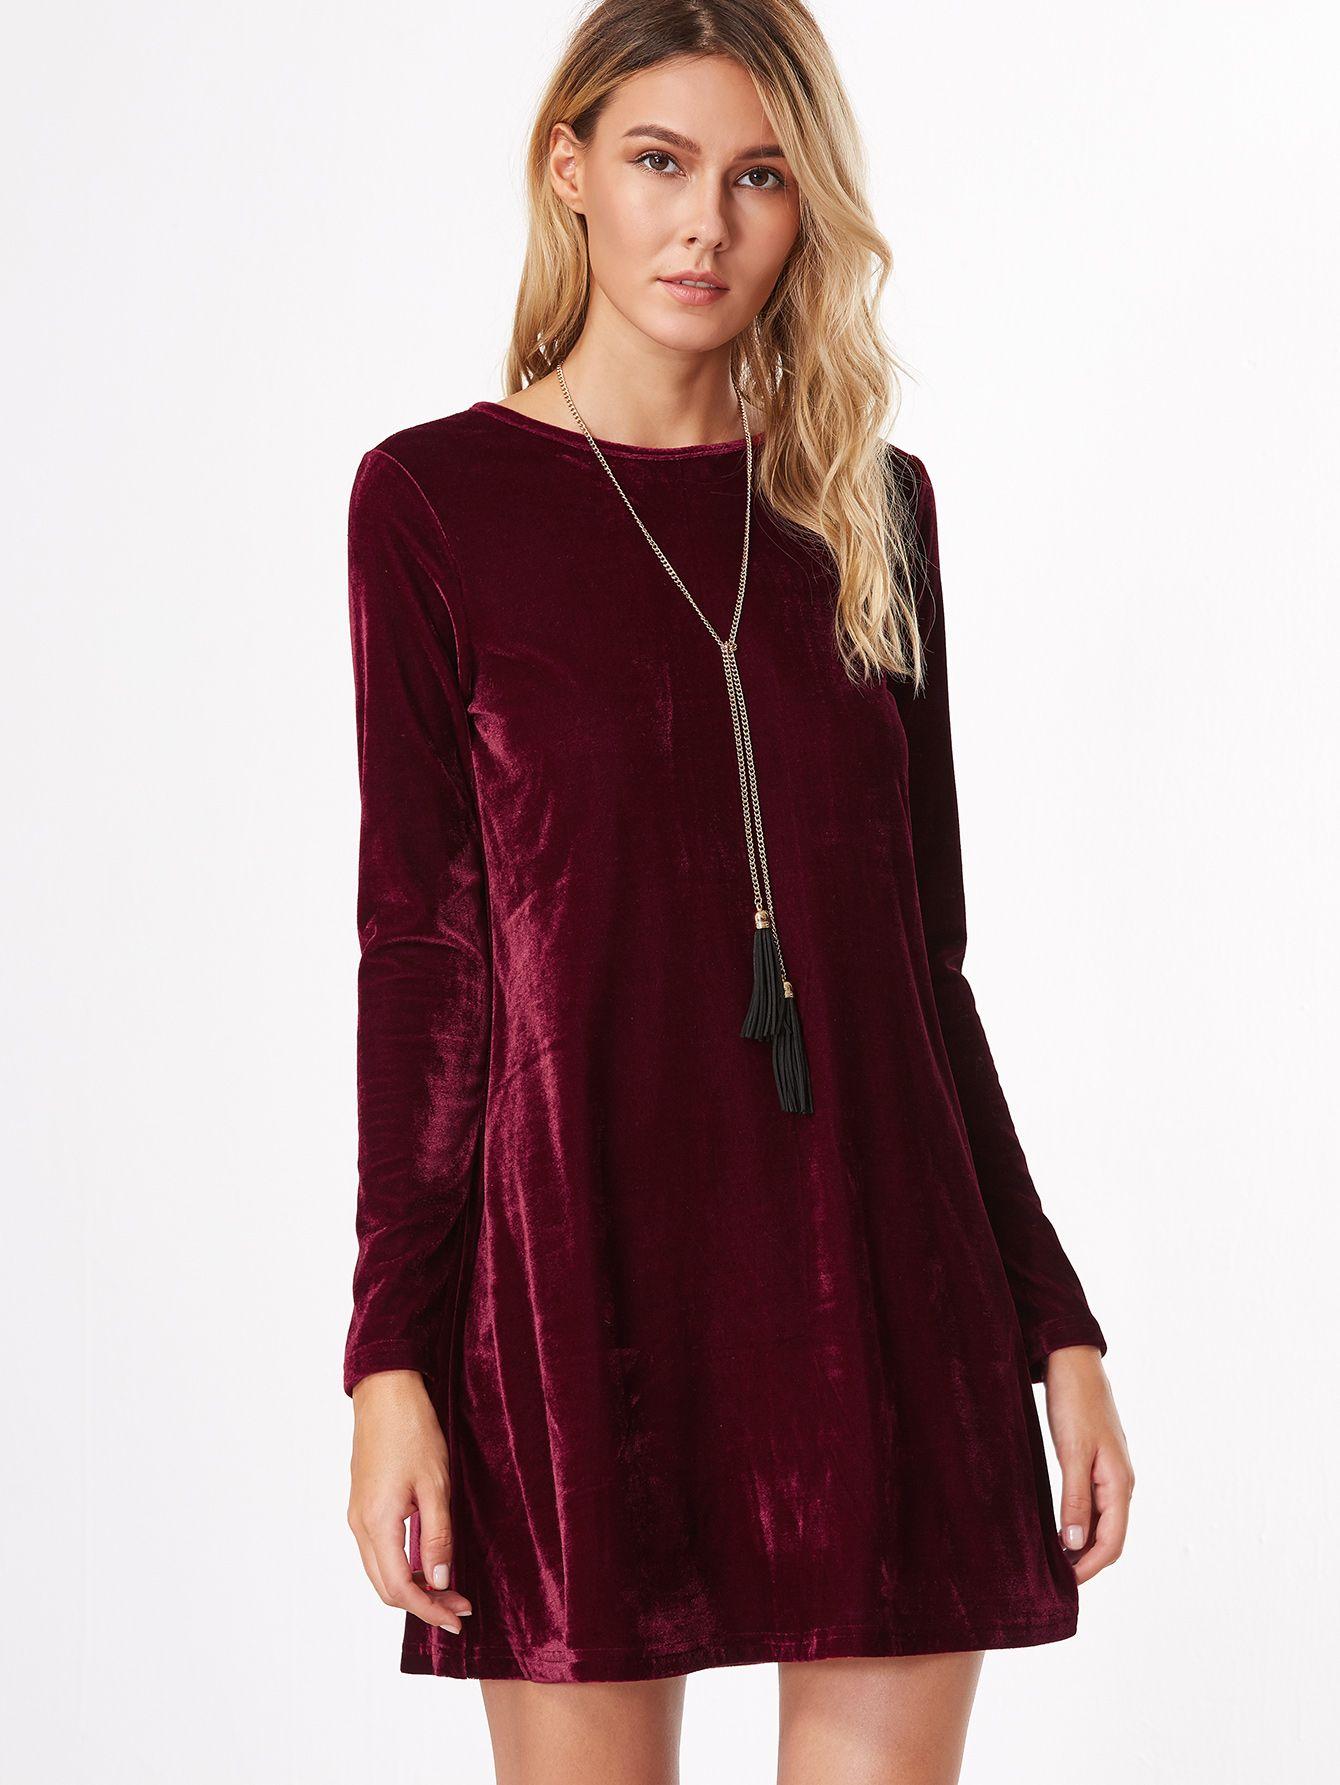 Shop burgundy long sleeve velvet tunic dress online shein offers